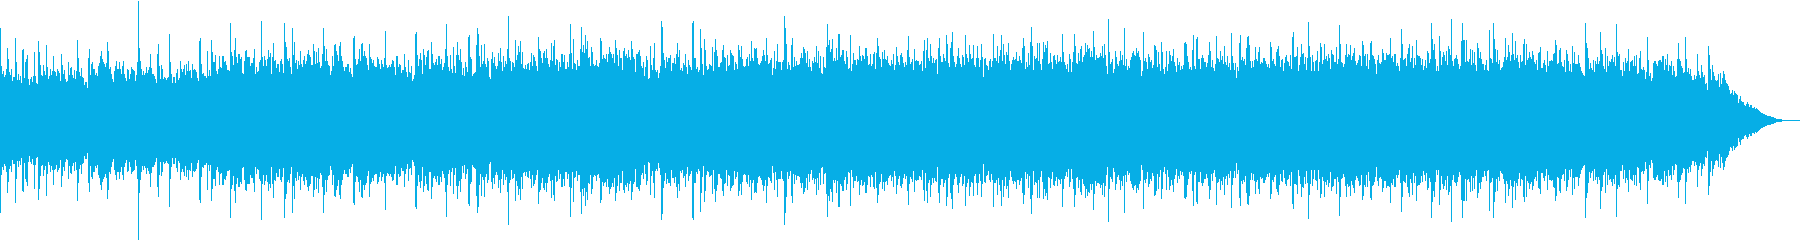 未知の険しい道に挑む様なロックサウンドの再生済みの波形